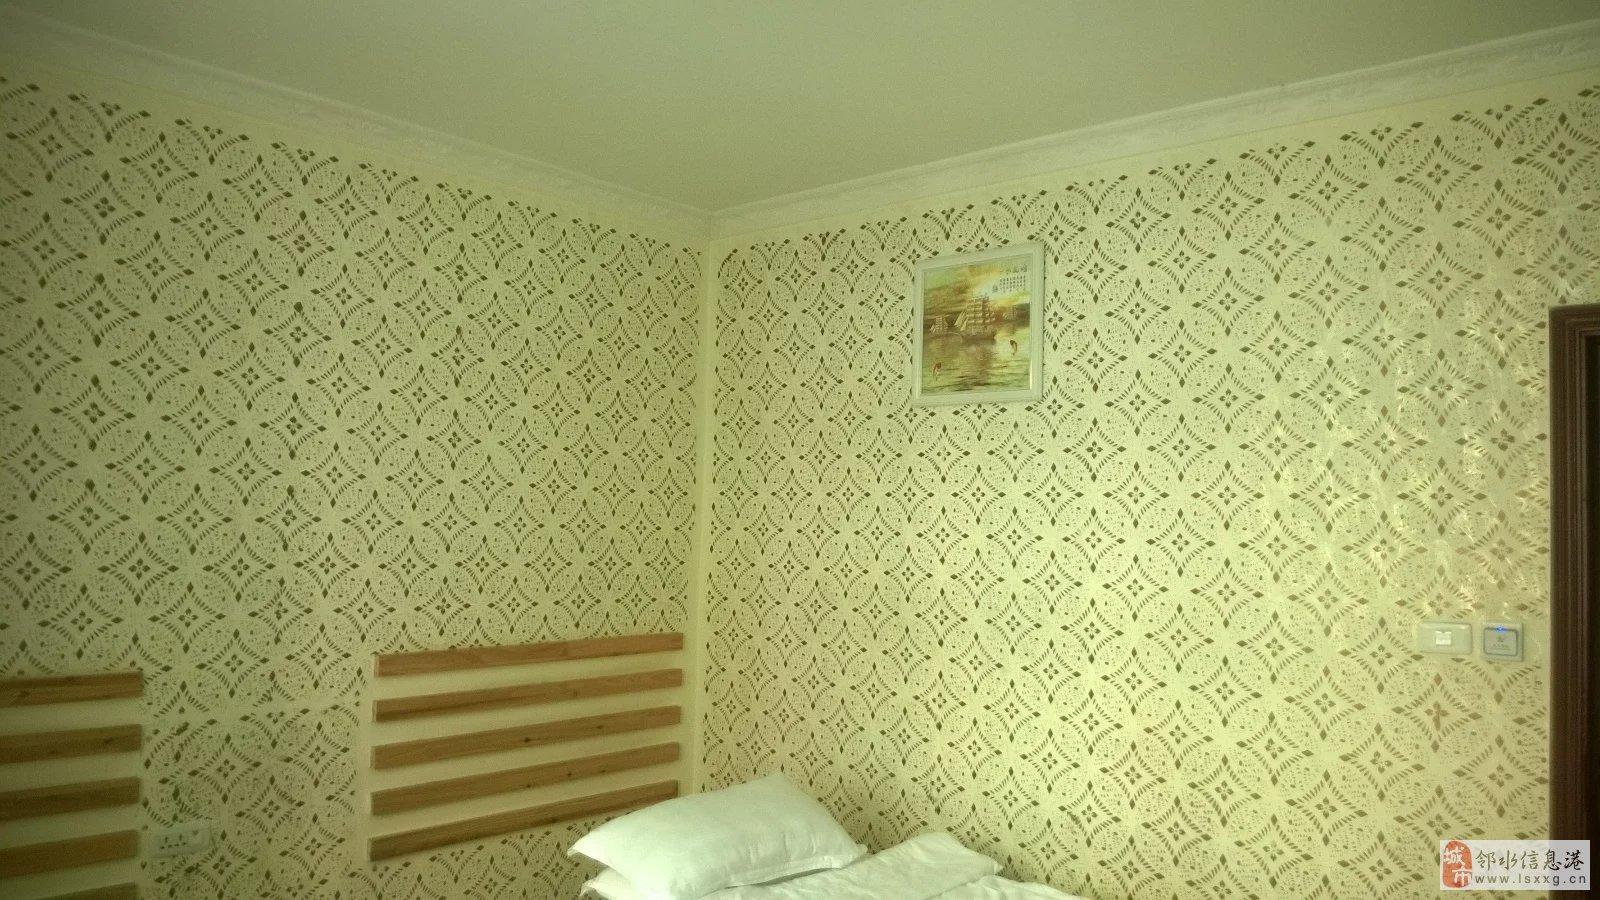 硅藻泥欧式印花跟墙布哪种好